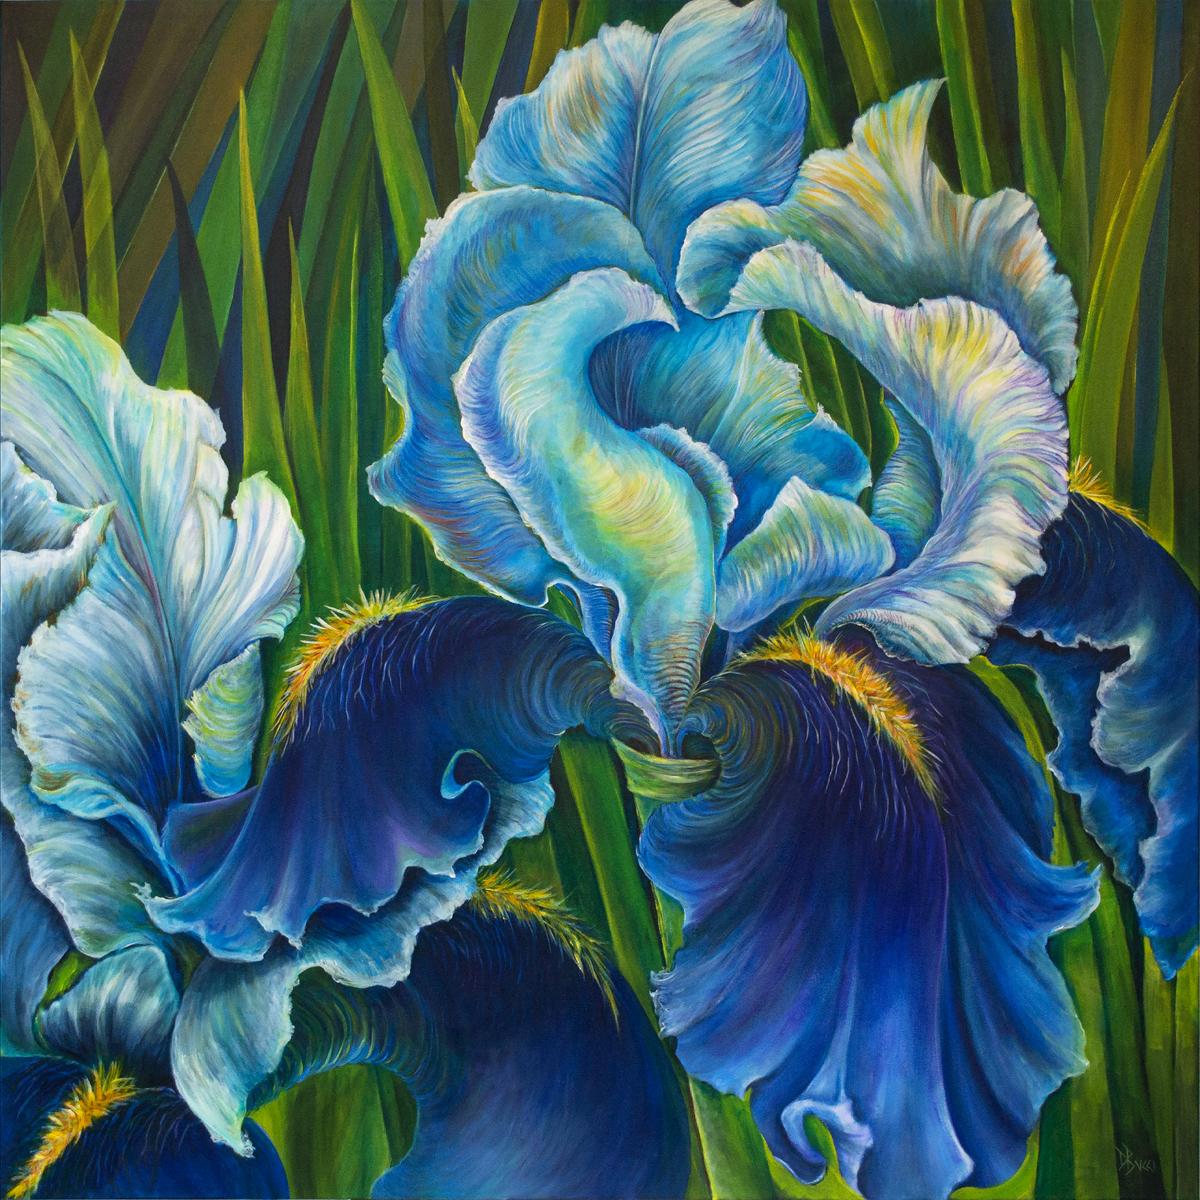 Iris Bluer Still (large view)